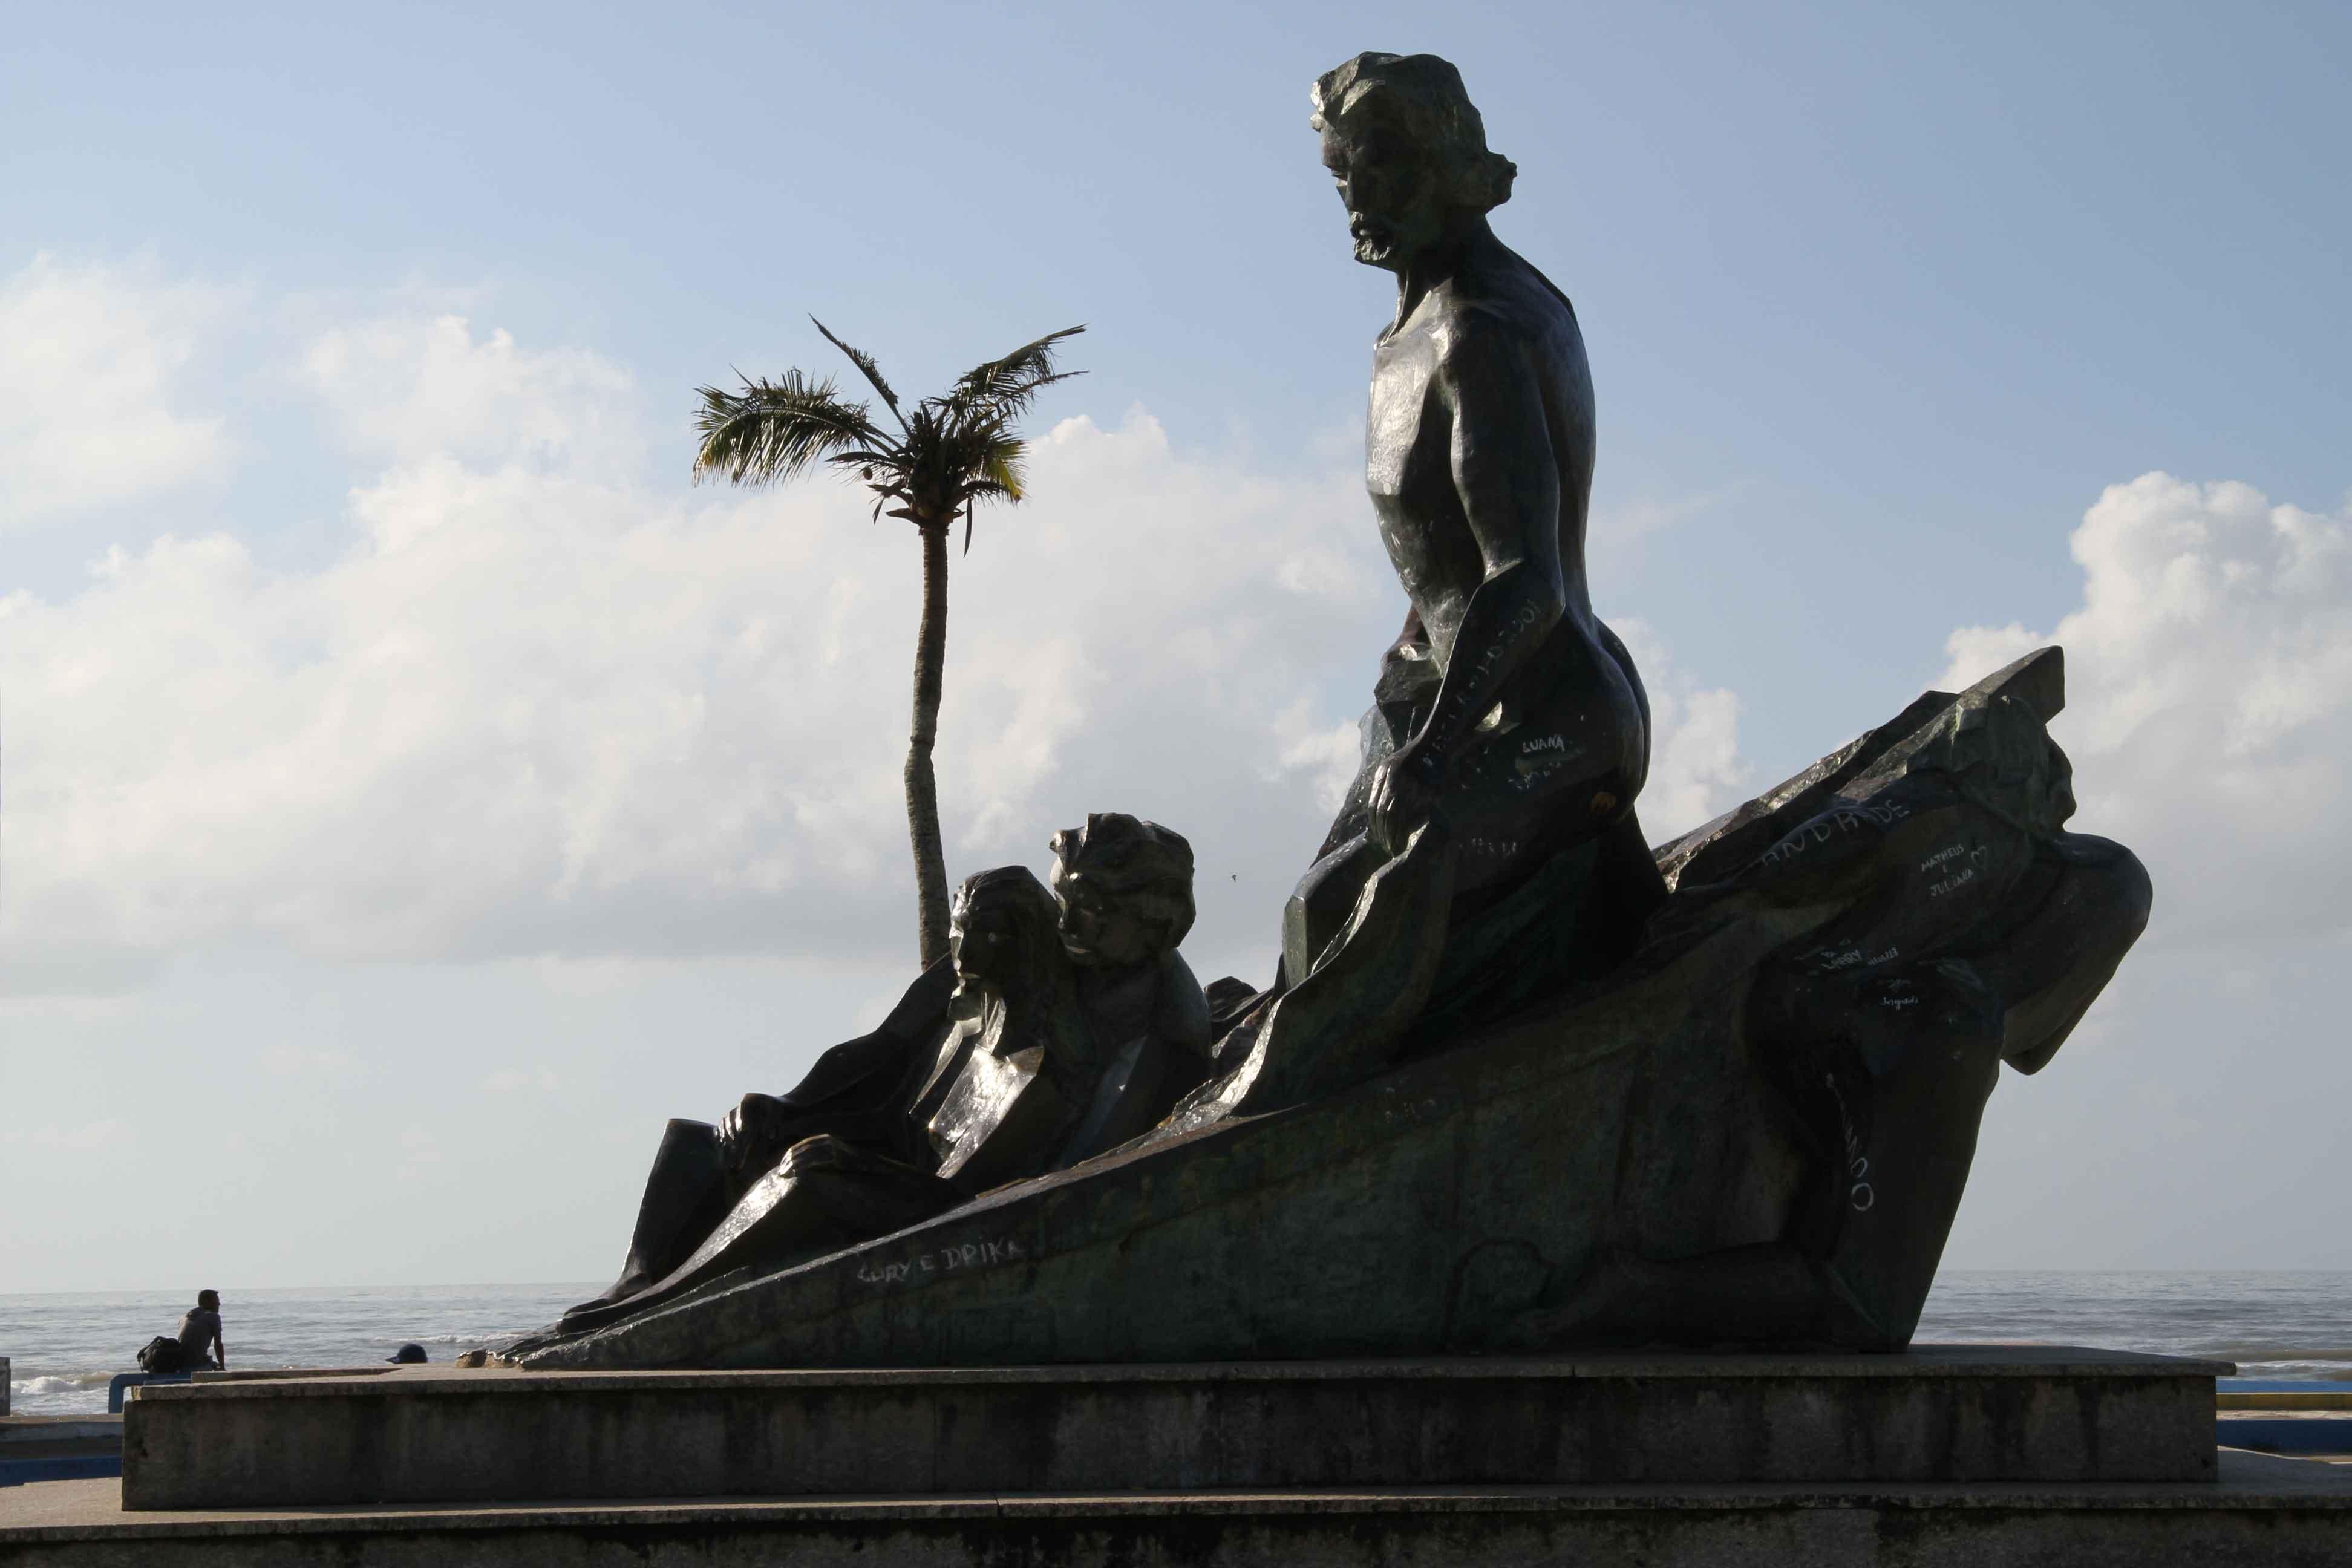 Mongagua-Turismo-Monumento-ao-Pescador-bx